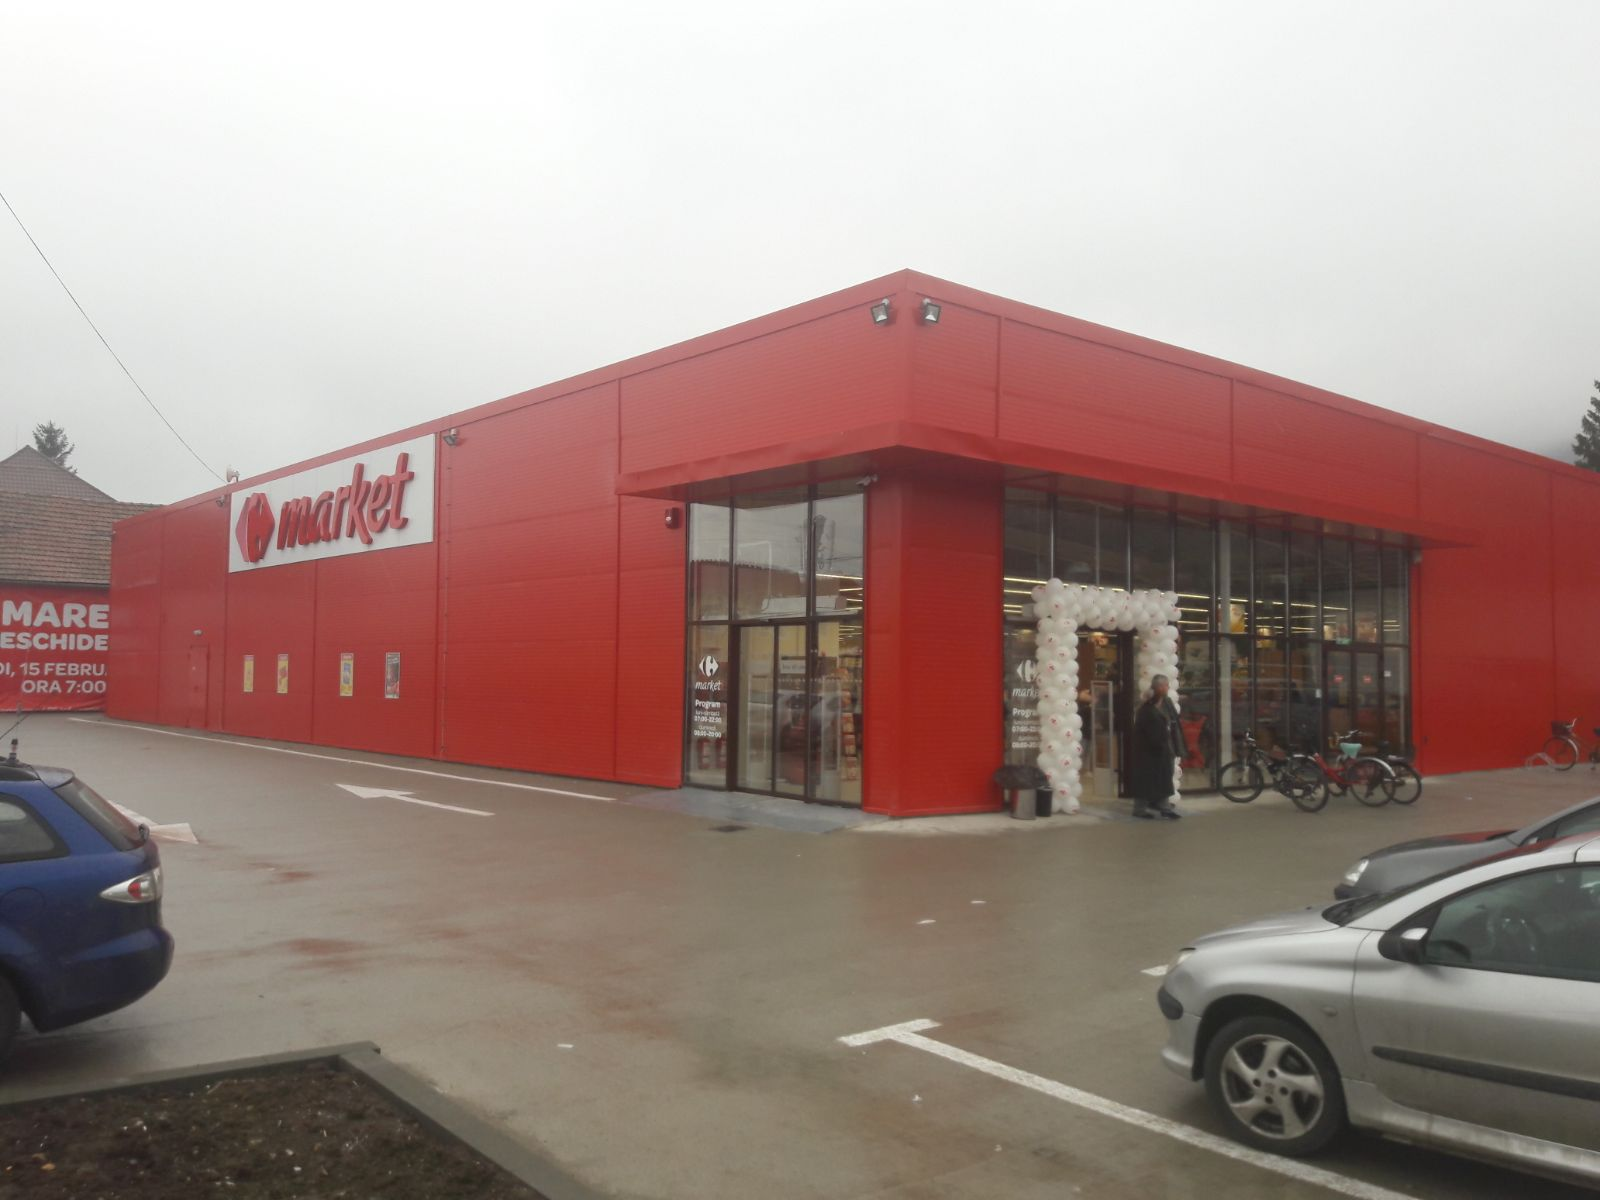 Carrefour deschide un nou supermarket Market în județul Arad  și al 233-lea la nivel național